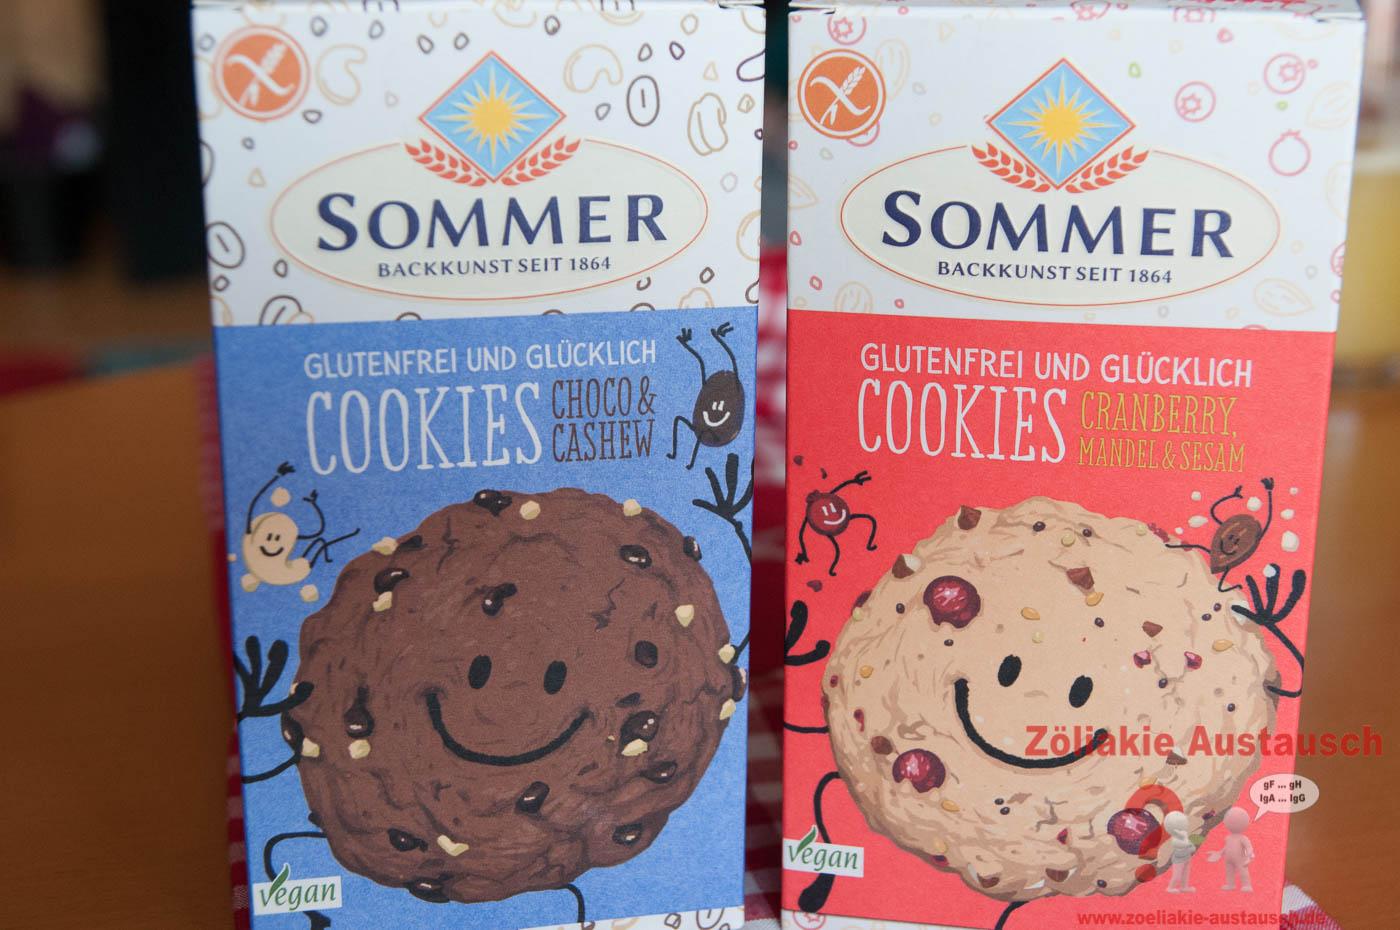 Zoeliakie_Austausch_Sommer_Cookies-002